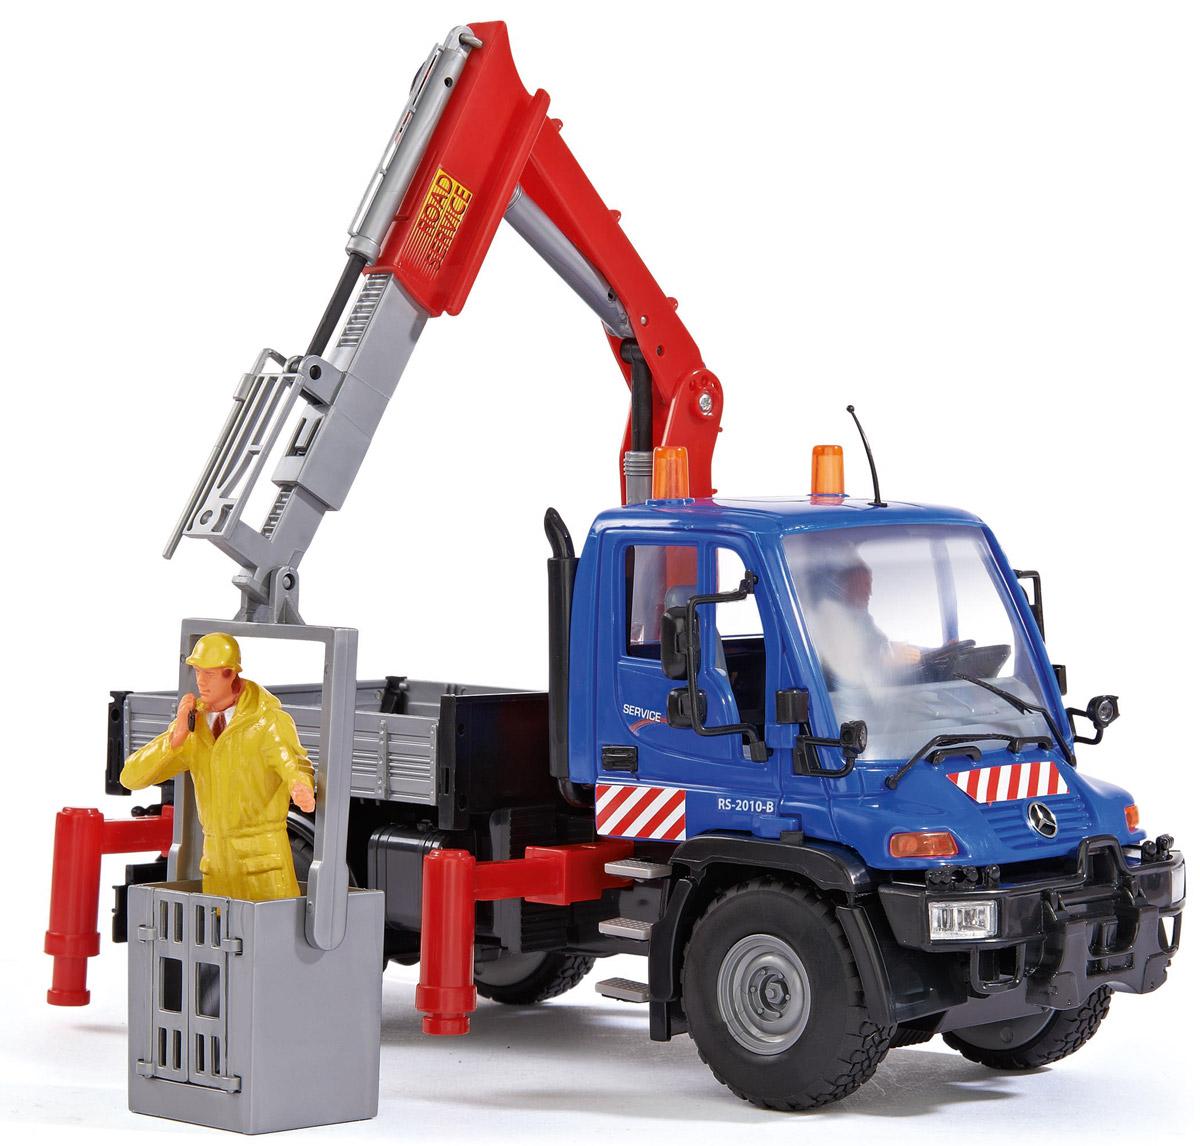 Dickie Toys Автомобиль с гидравлическим подъемником3414492_синийАвтомобиль с гидравлическим подъемником Dickie Toys призван оказывать помощь городу. Игрушка напоминает уменьшенную копию реального автомобиля. Игрушечный помощник отлично впишется в коллекцию спецтехники детского автомобильного парка. У автомобиля открываются двери таким образом, что в кабину помещается водитель. В представленный набор включены фигурки людей, которые облачены в специальную рабочую одежду и каски. У машины вращаются колеса, а также поднимается и опускается ковш. Благодаря играм с таким автомобилем у маленьких детей развивается воображение, фантазия и моторика.